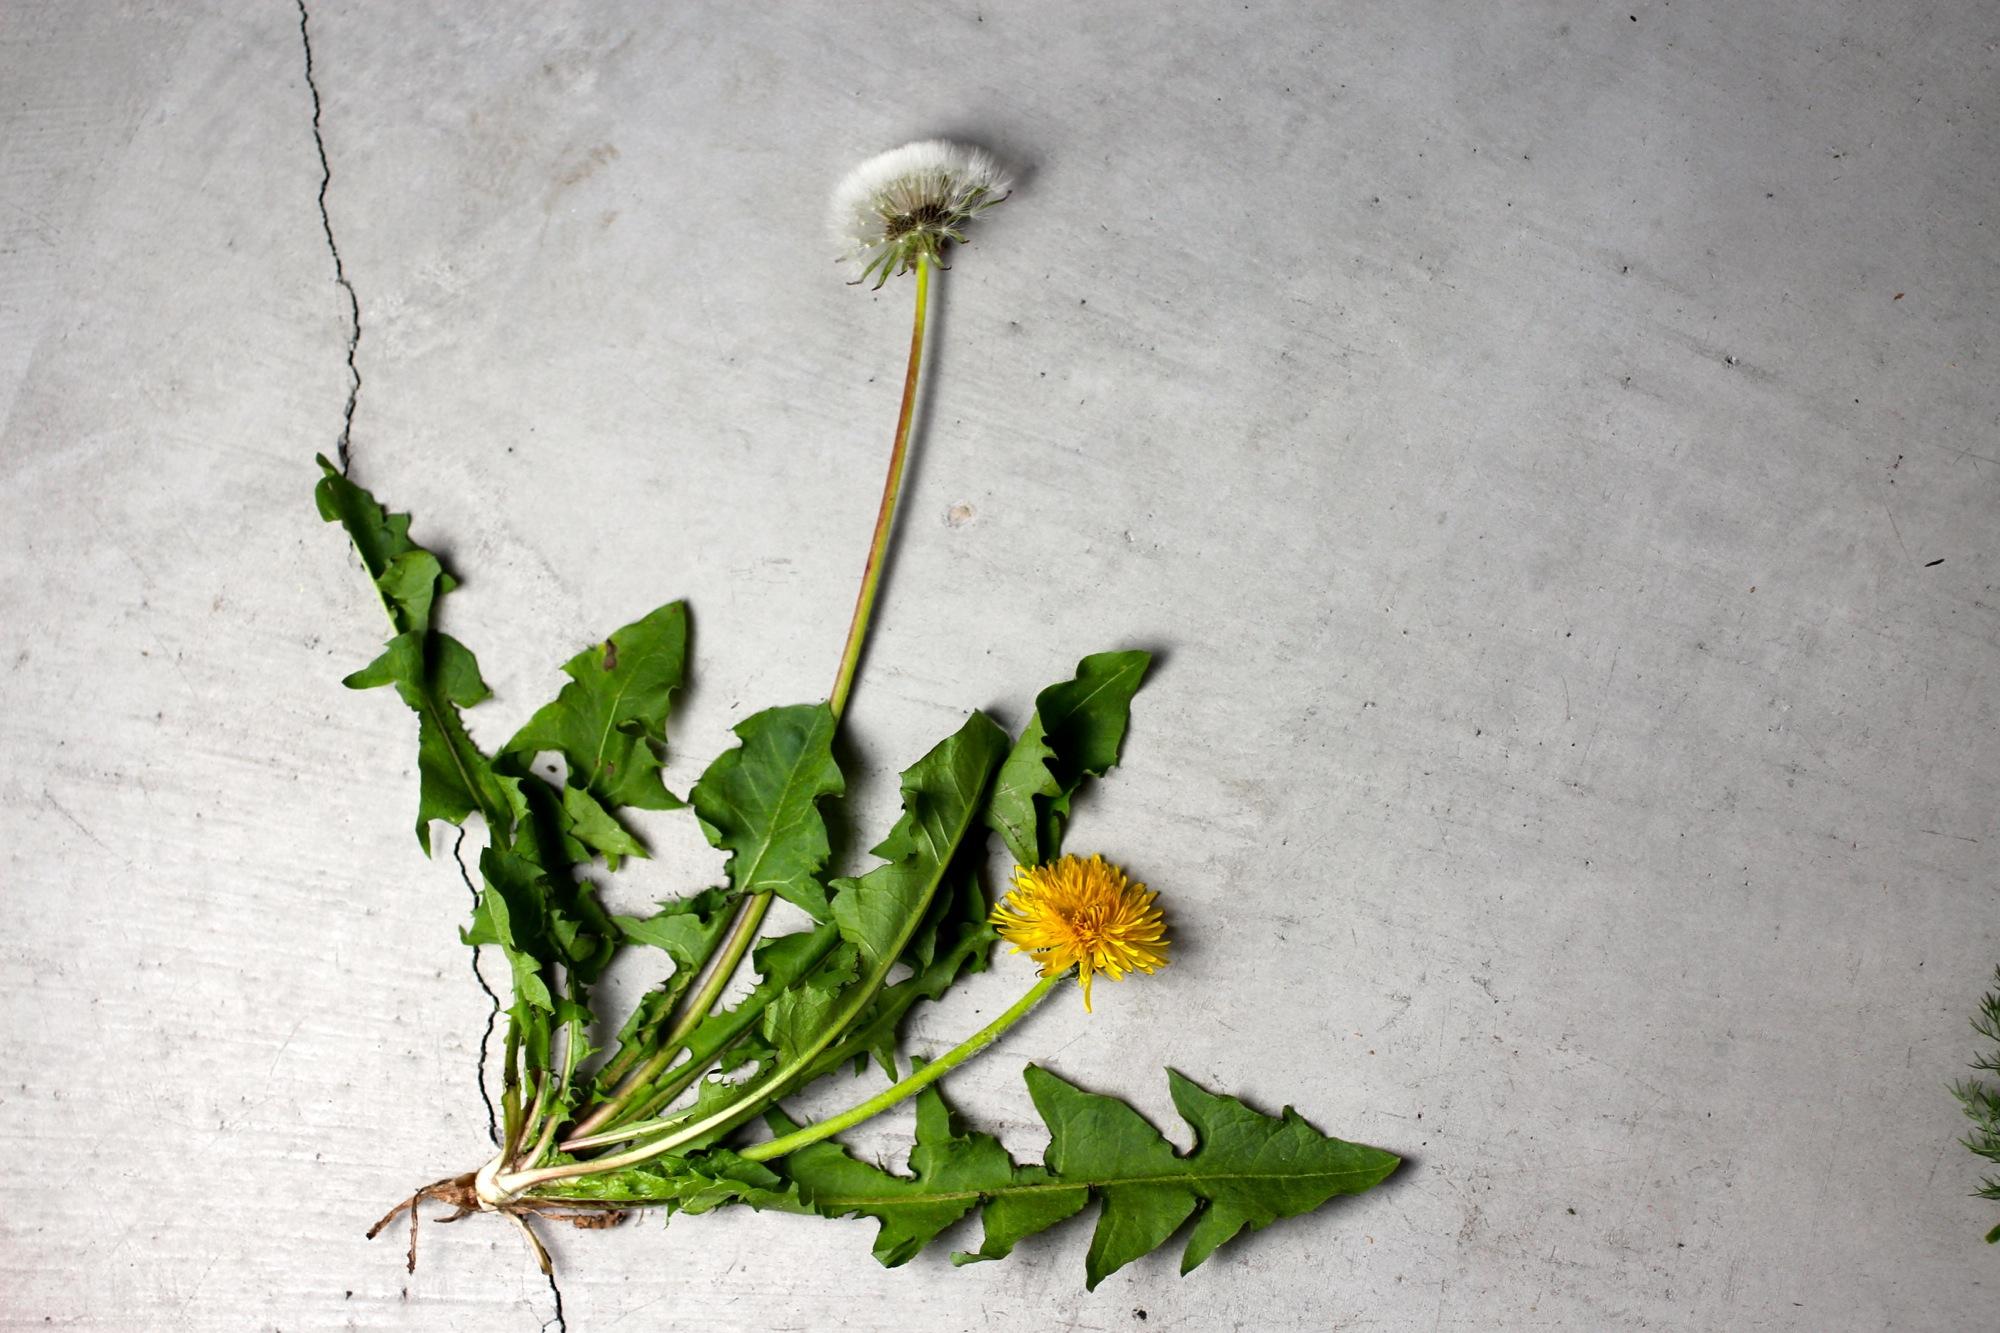 Ubiquitous snack: the humble dandelion